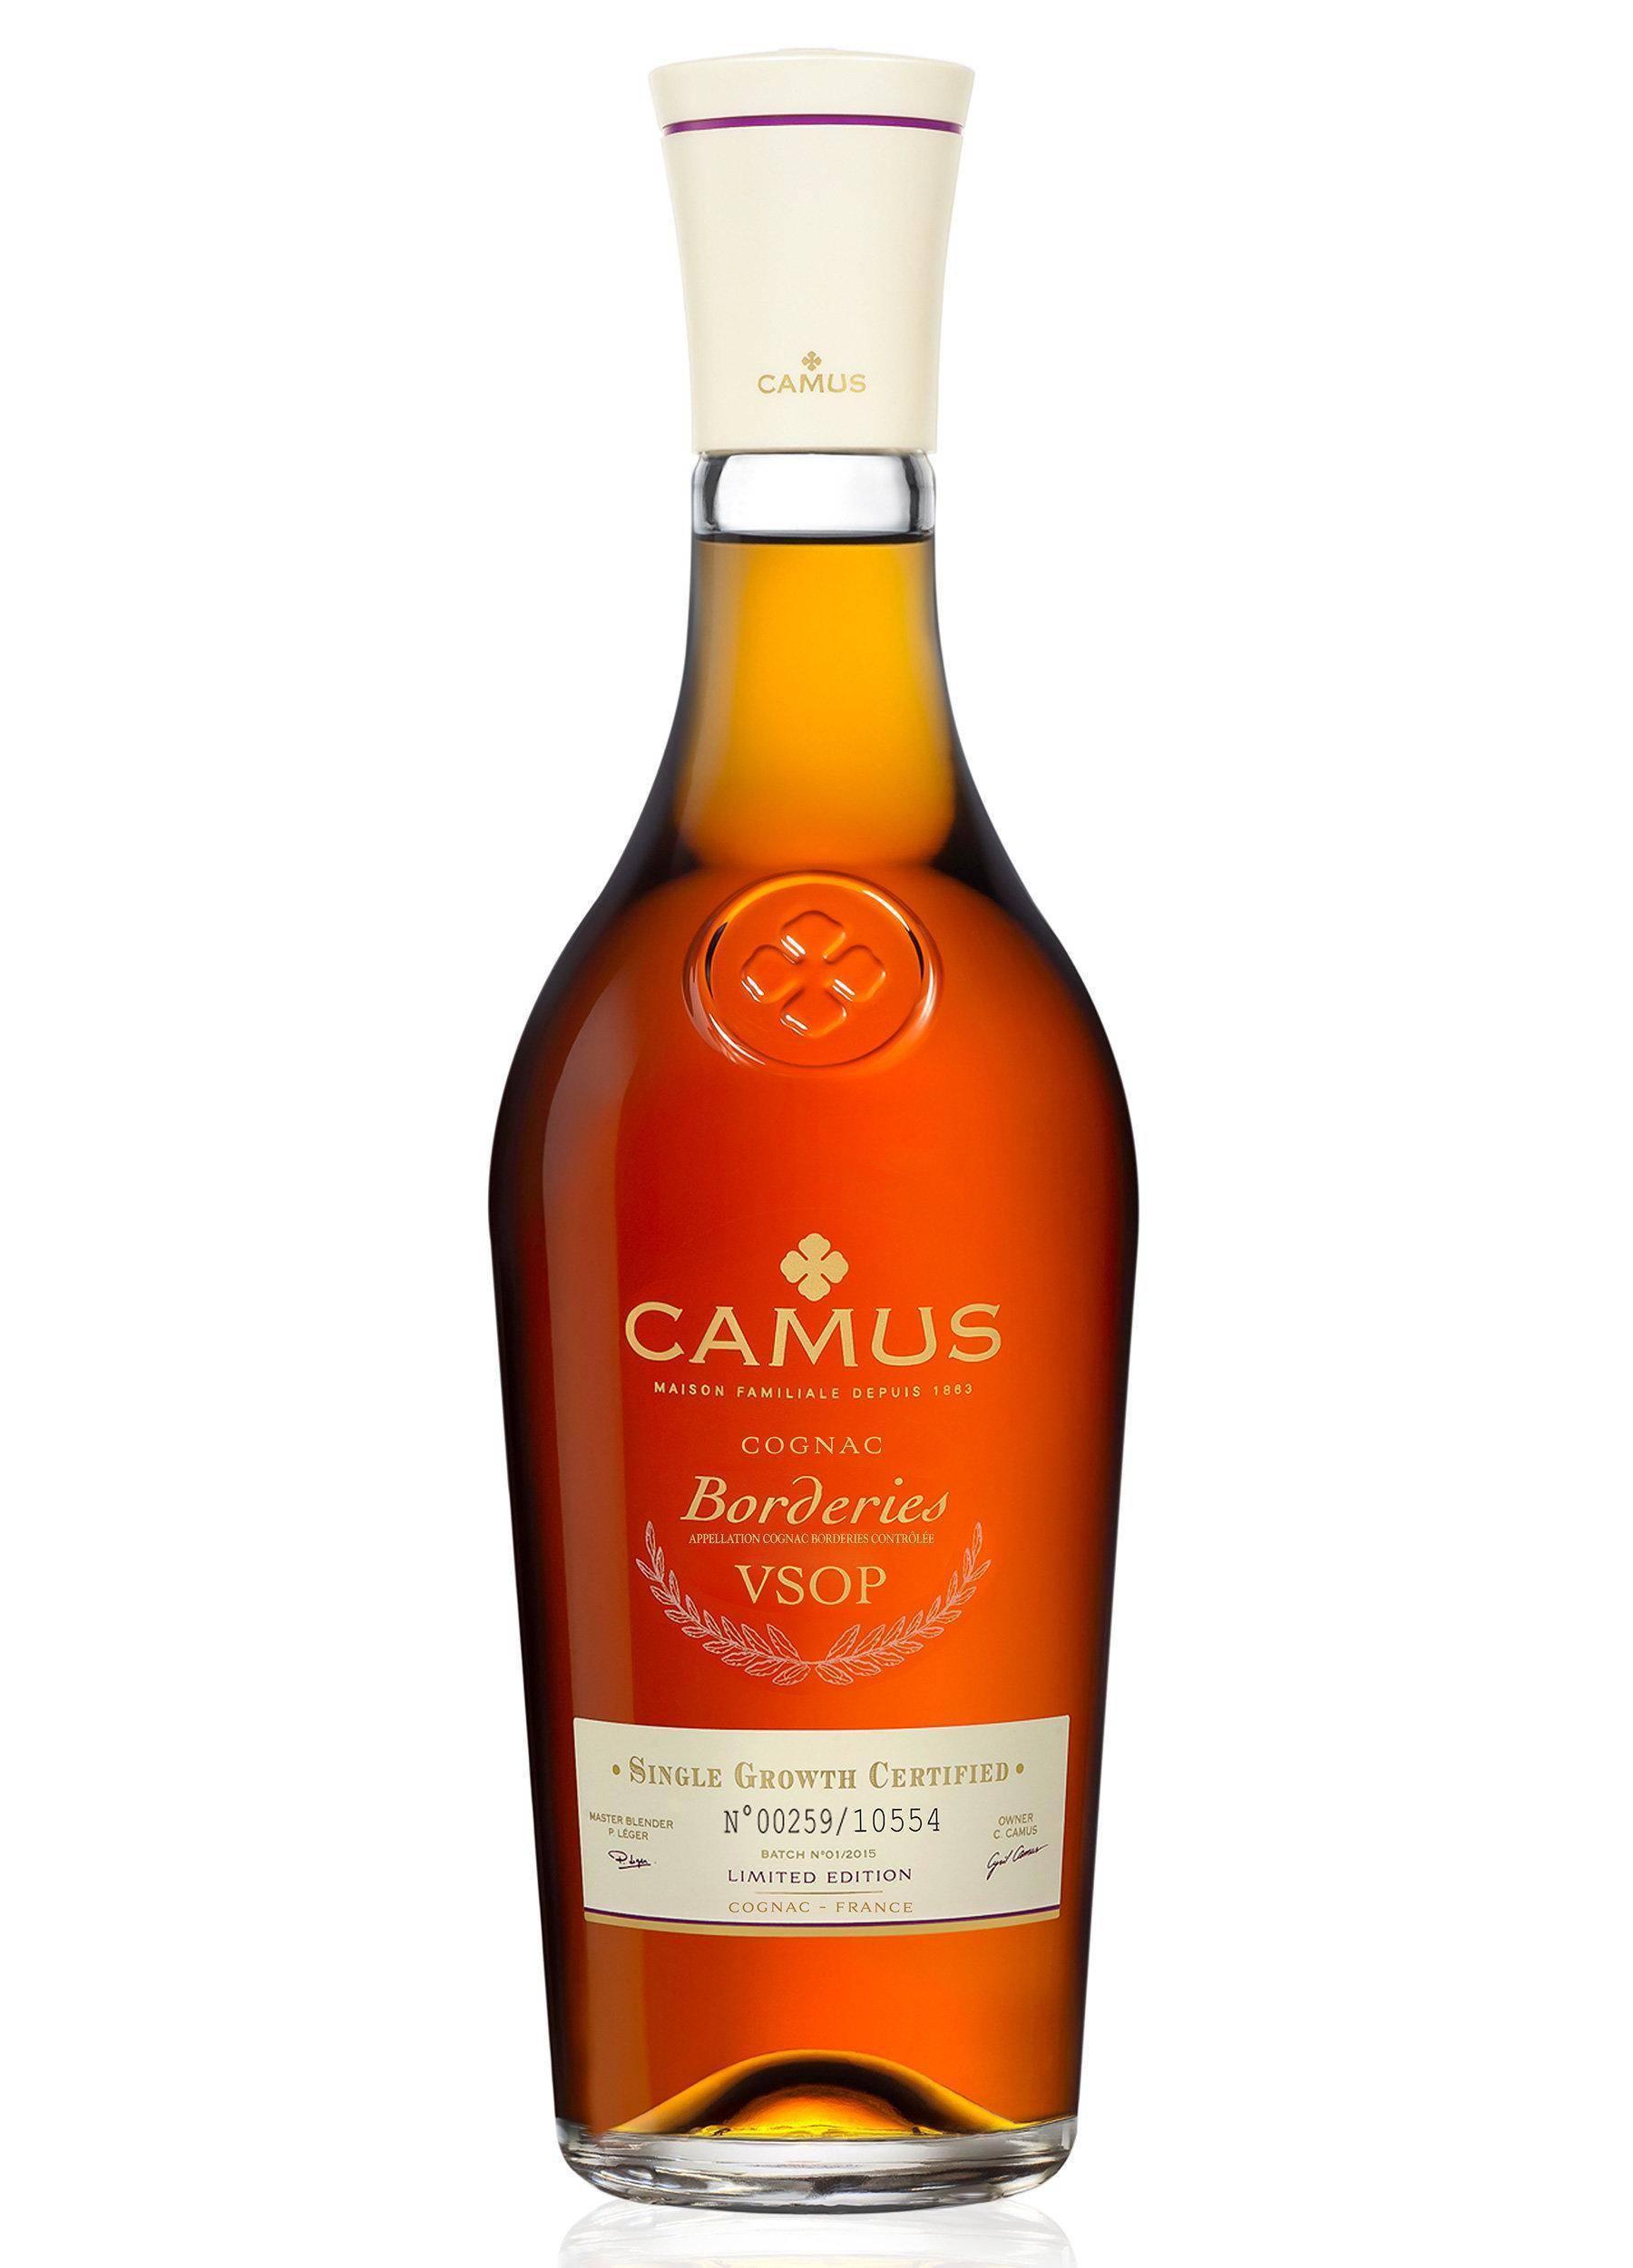 Коньяк камю (camus): один из лидеров среди французских коньячных домов | inshaker | яндекс дзен